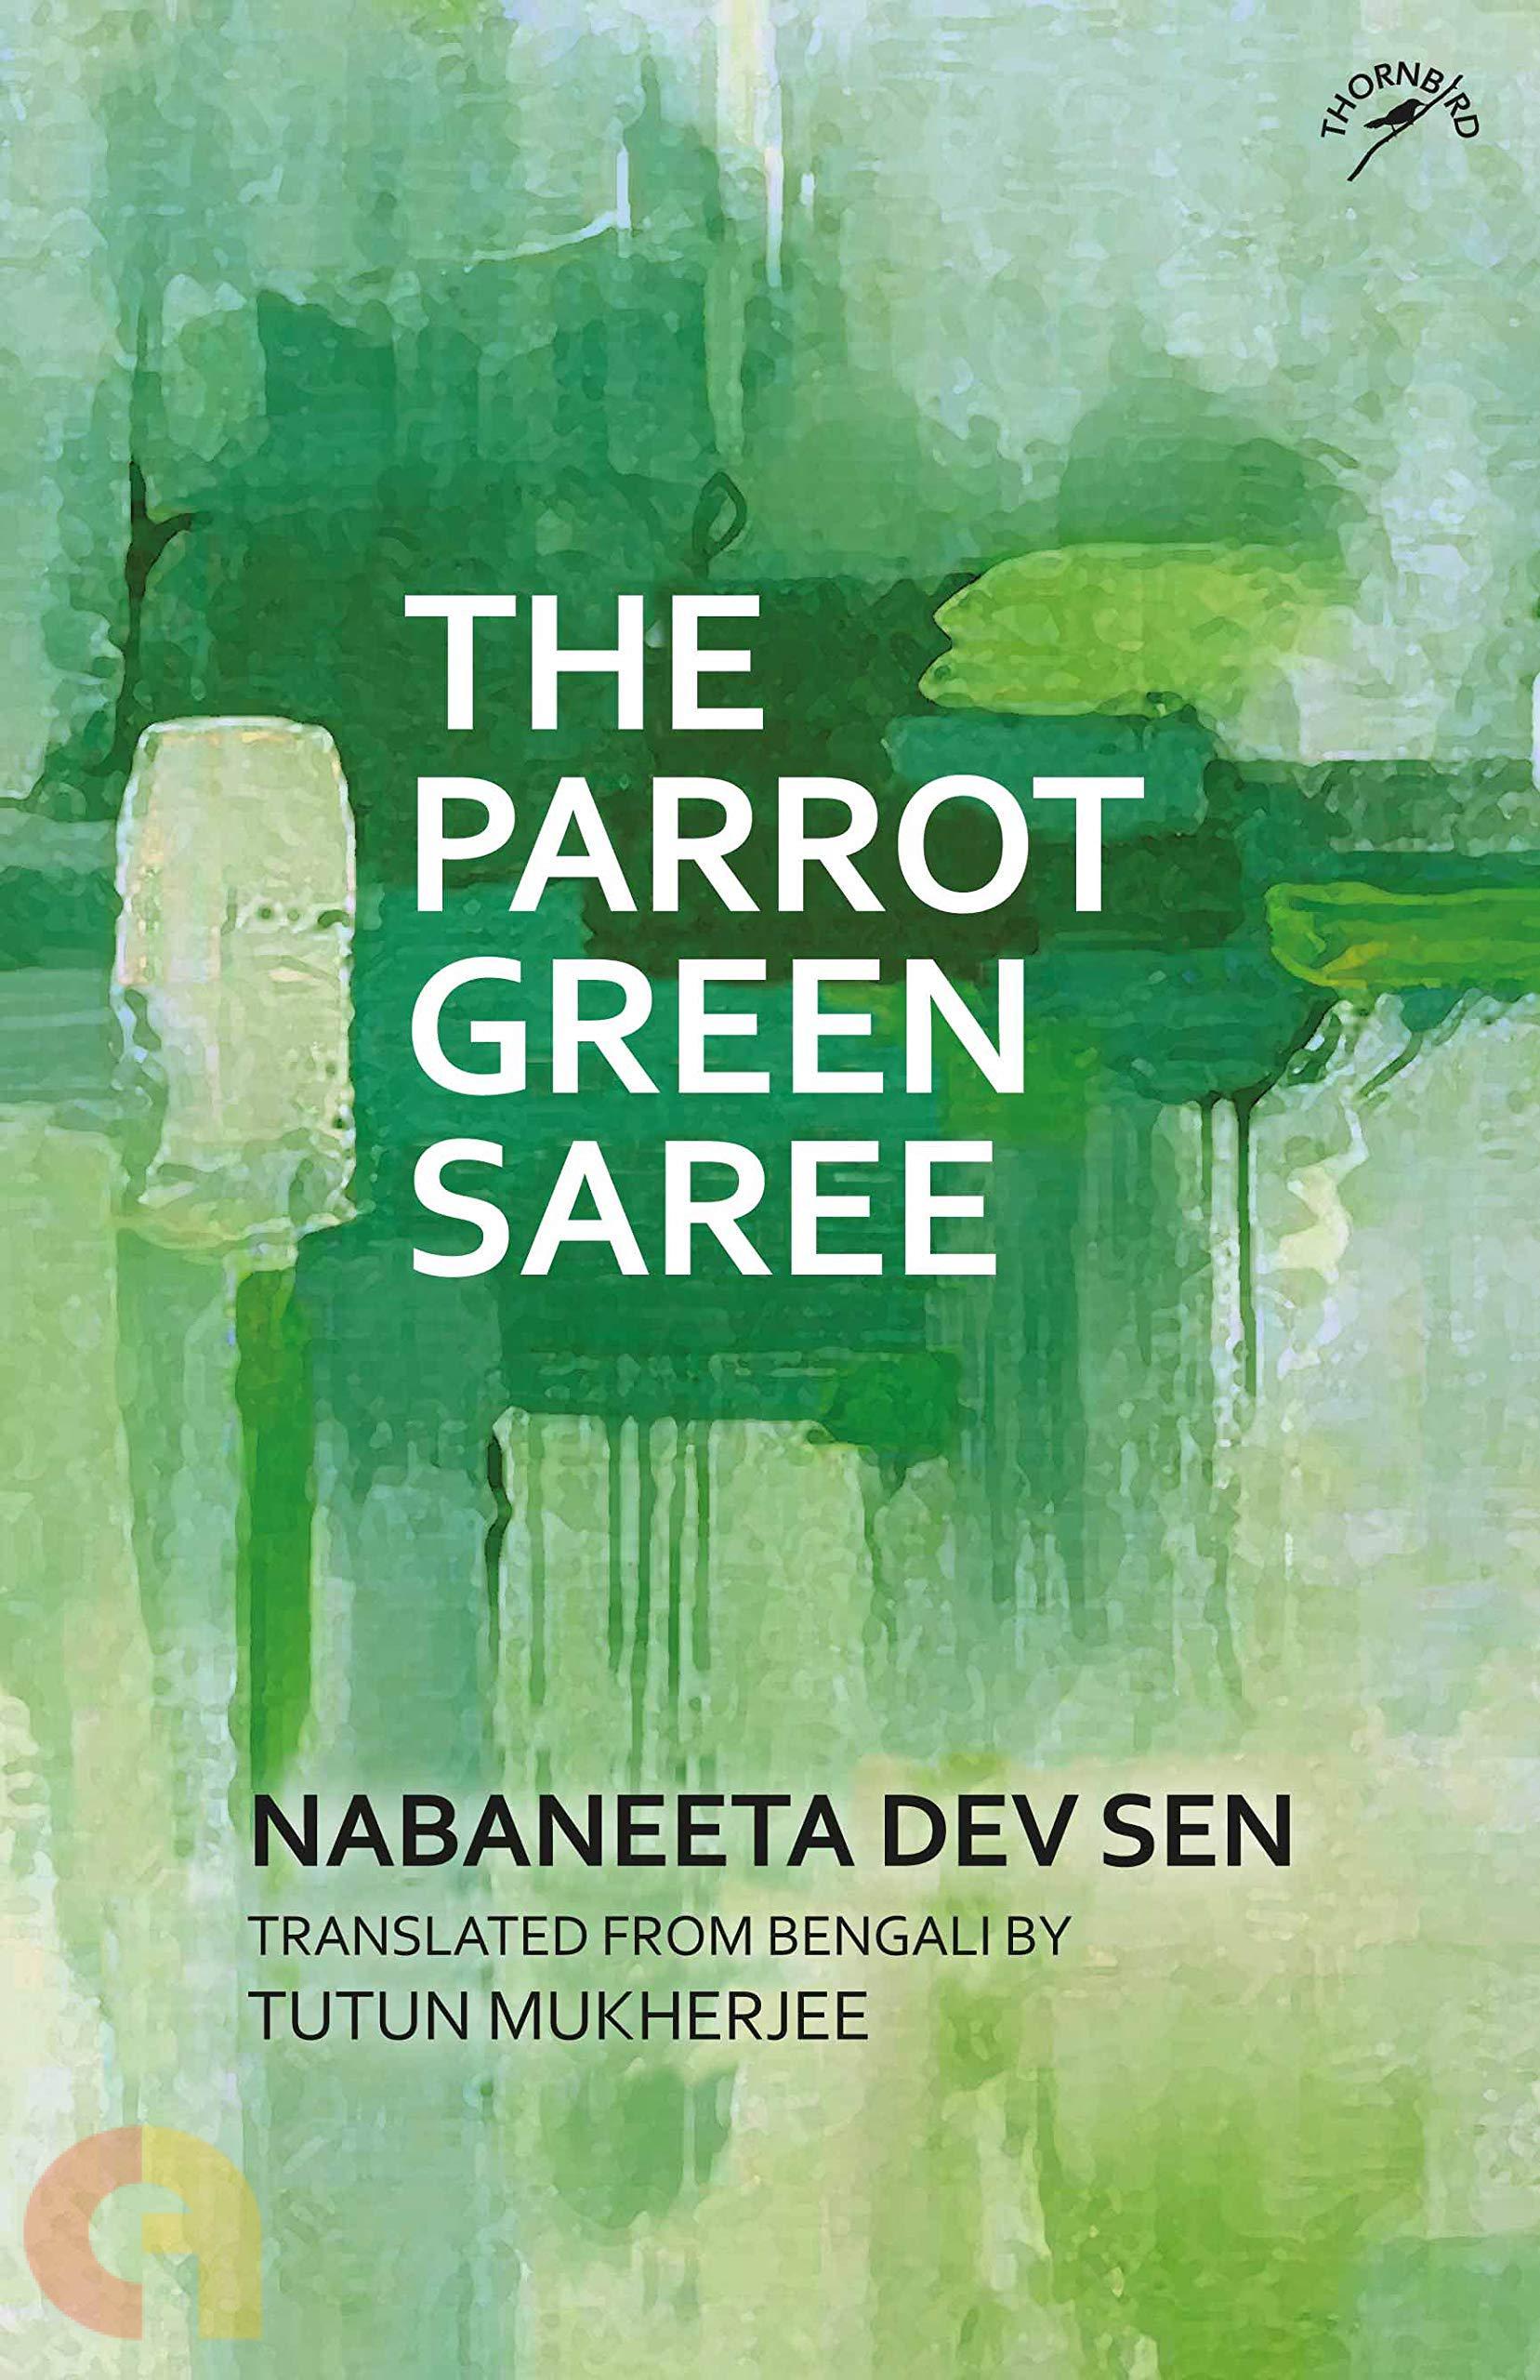 The Parrot Green Saree